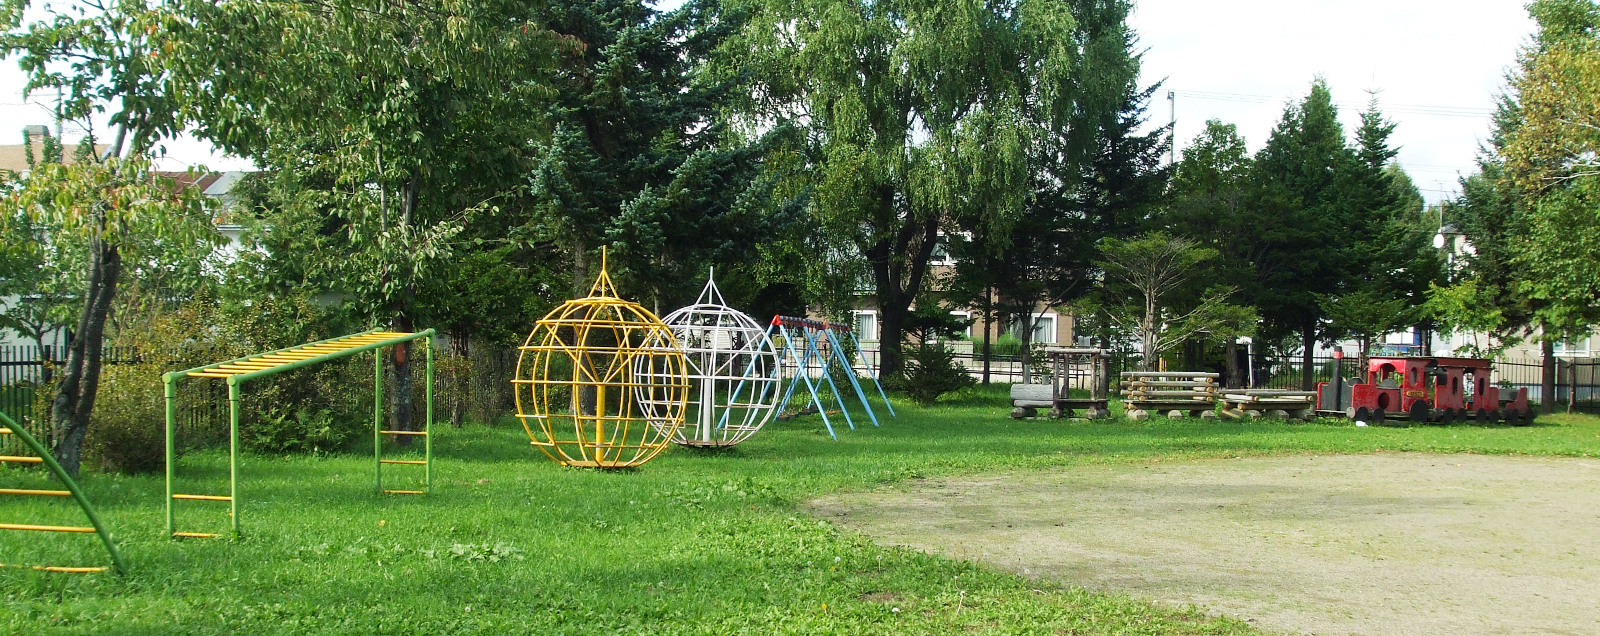 北見大谷幼稚園園庭